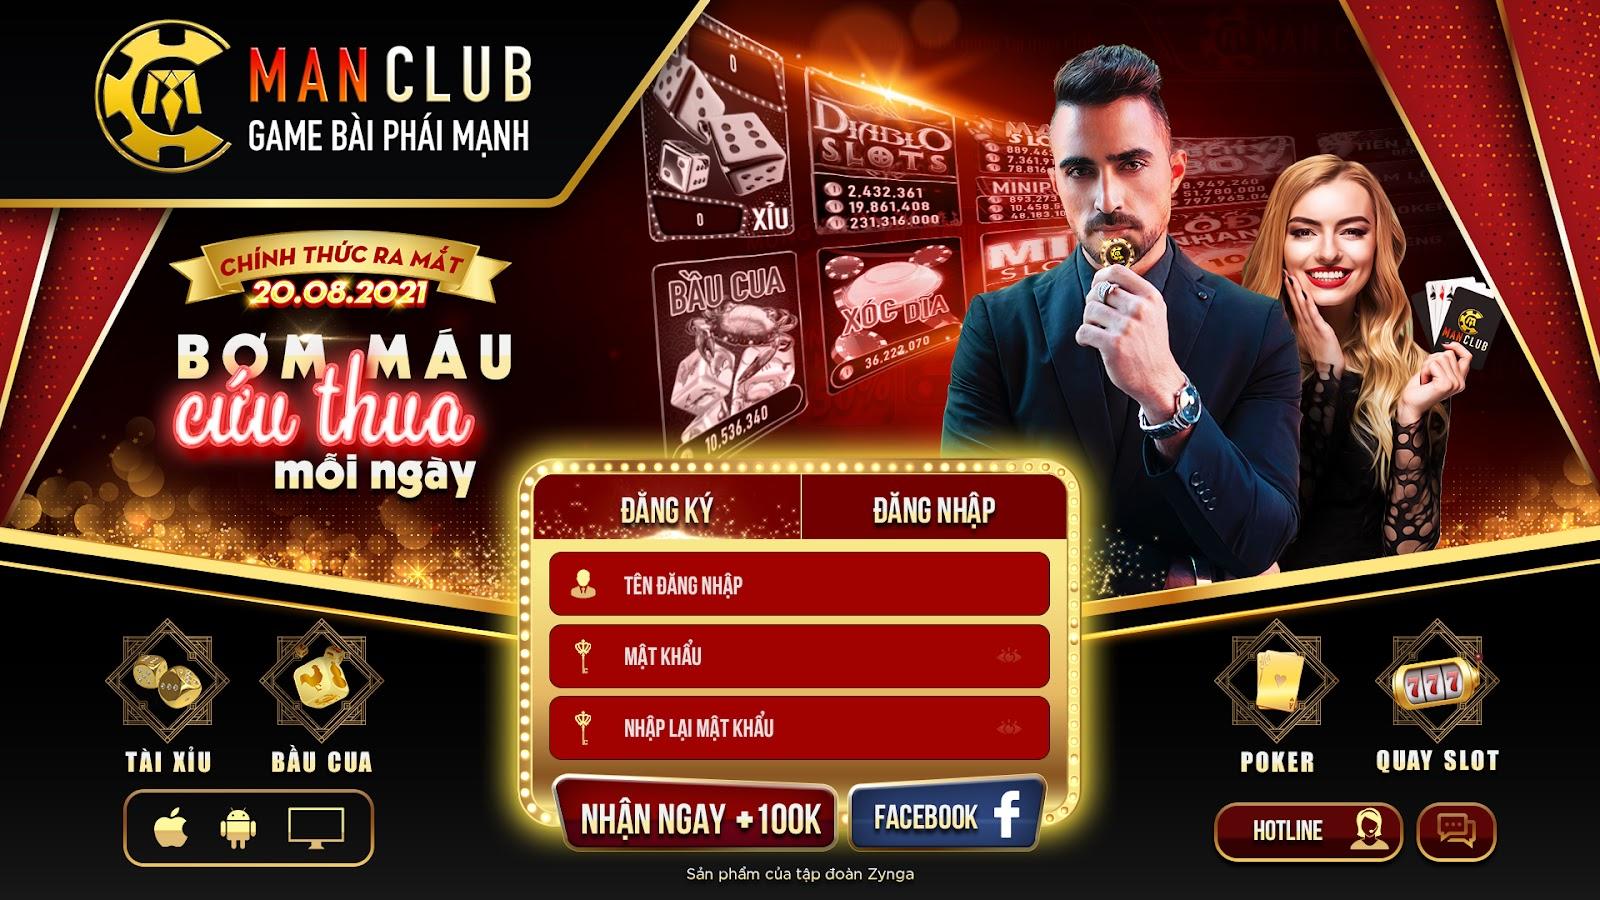 Man Club - Game bài phái mạnh 2